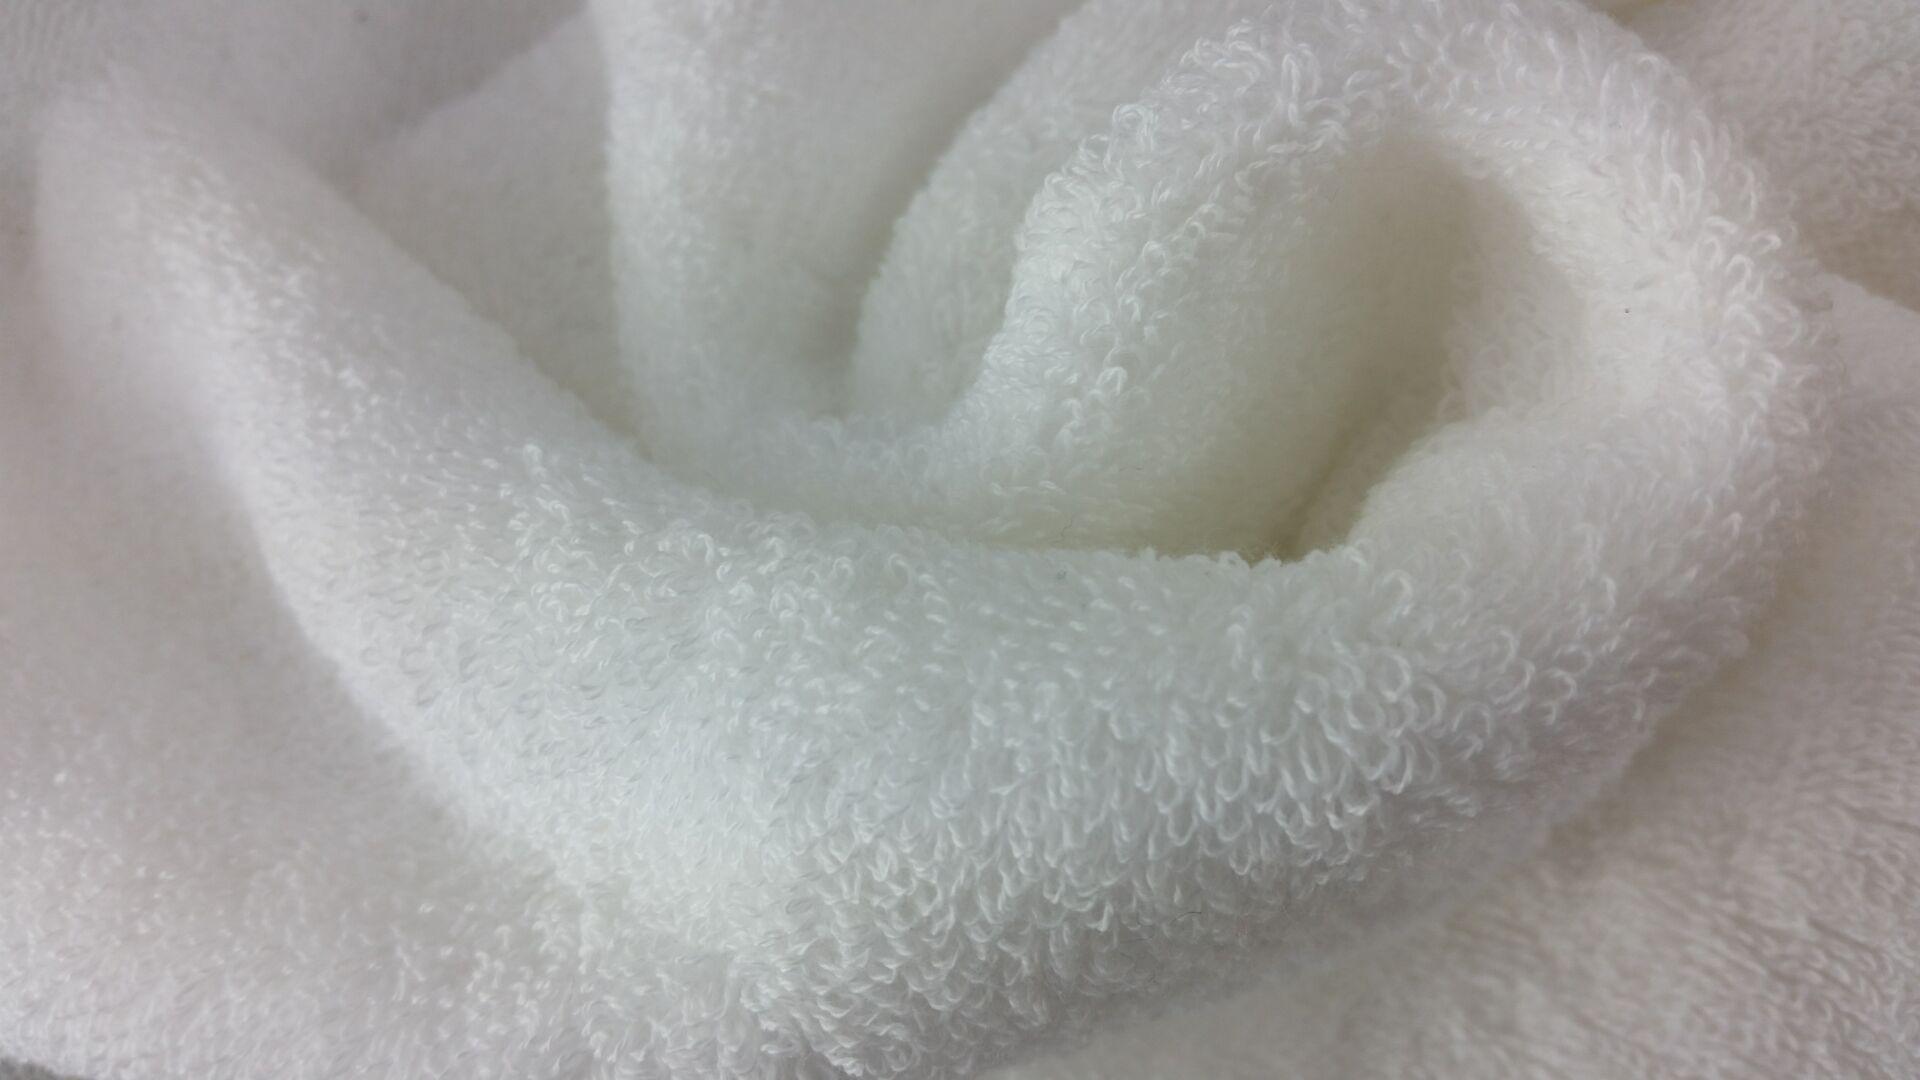 Vải khăn lông Khăn vải Quảng Đông một mặt cotton hai mặt dệt vải cotton cắt nhung khăn tre sợi vải v